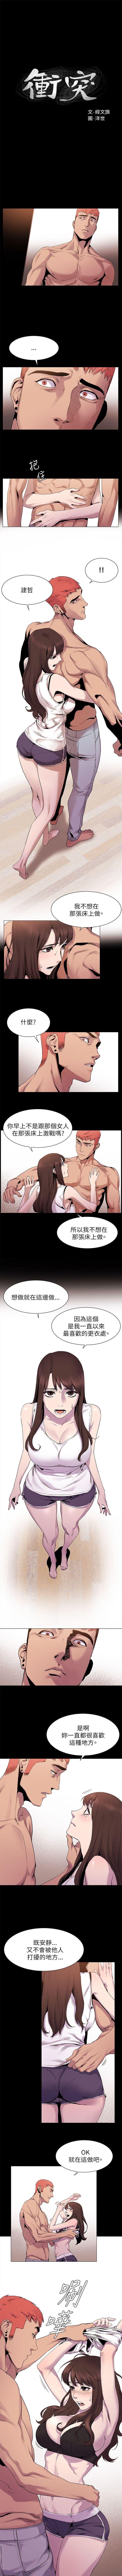 衝突 1-100官方中文(連載中) 38